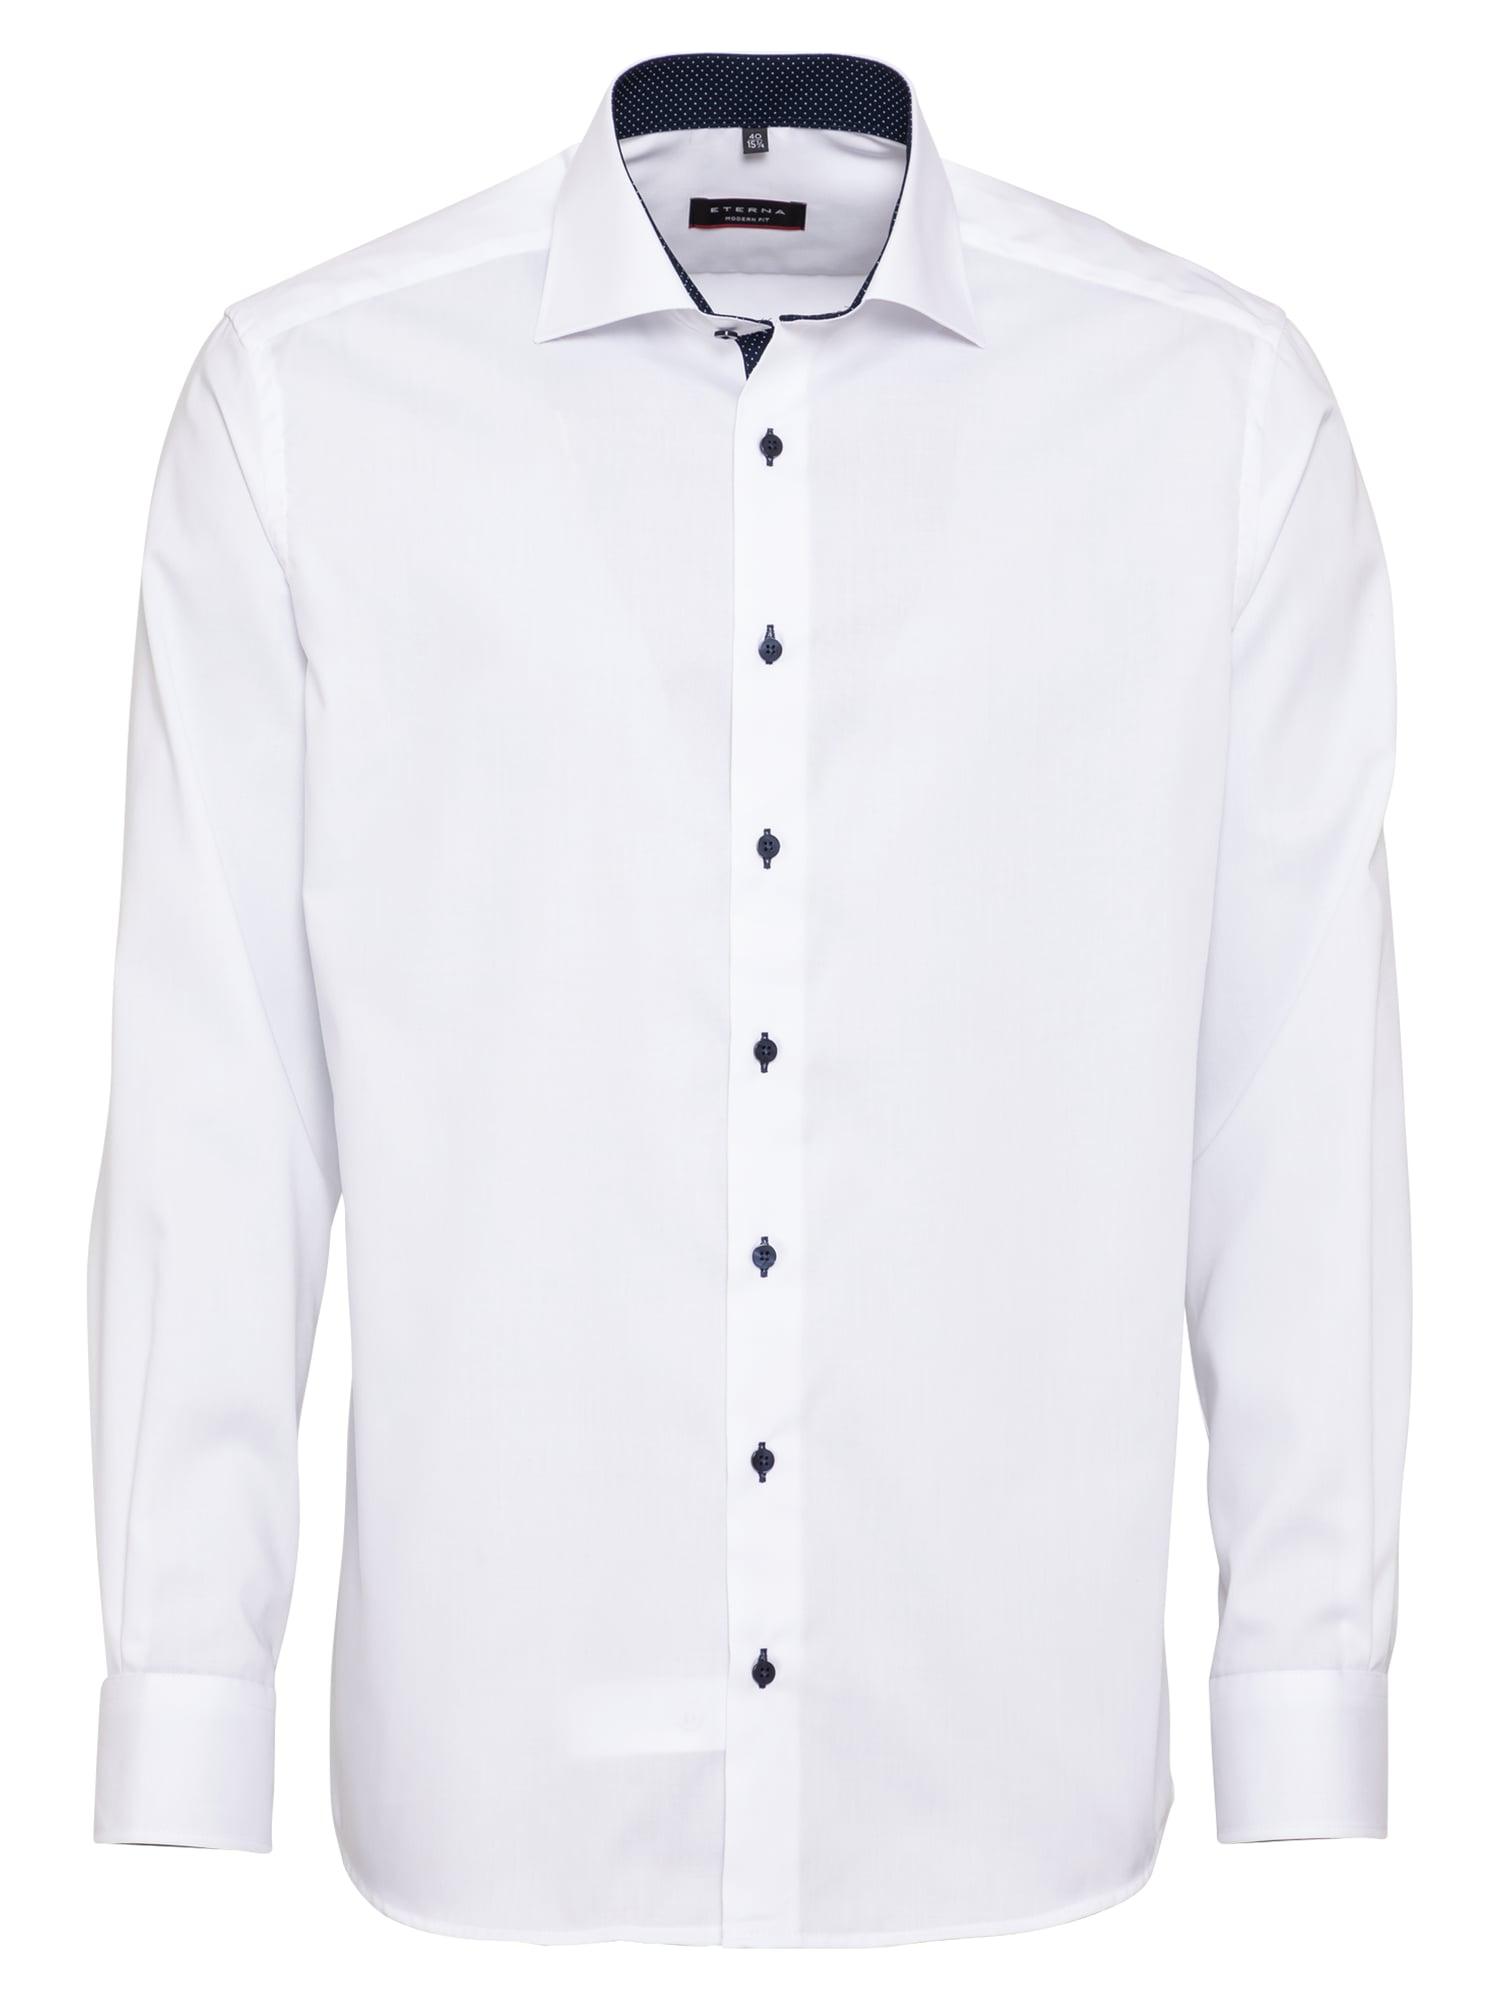 ETERNA Dalykinio stiliaus marškiniai balta